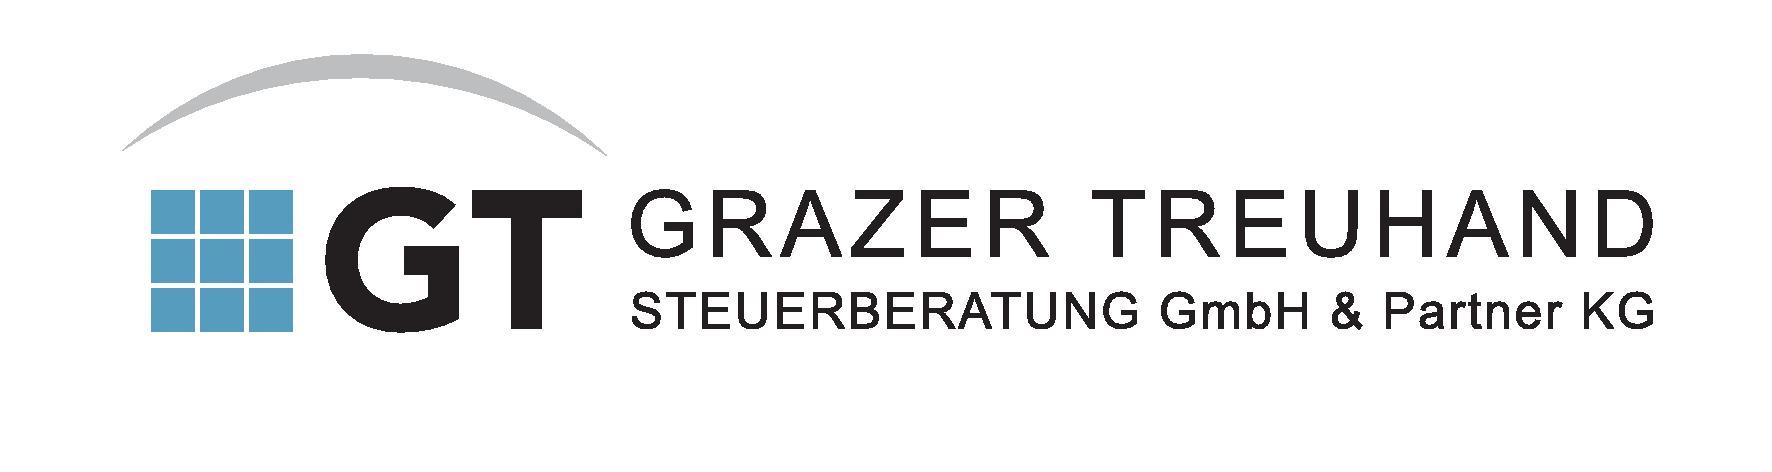 Grazer Treuhand Steuerberatung GmbH & Partner KG